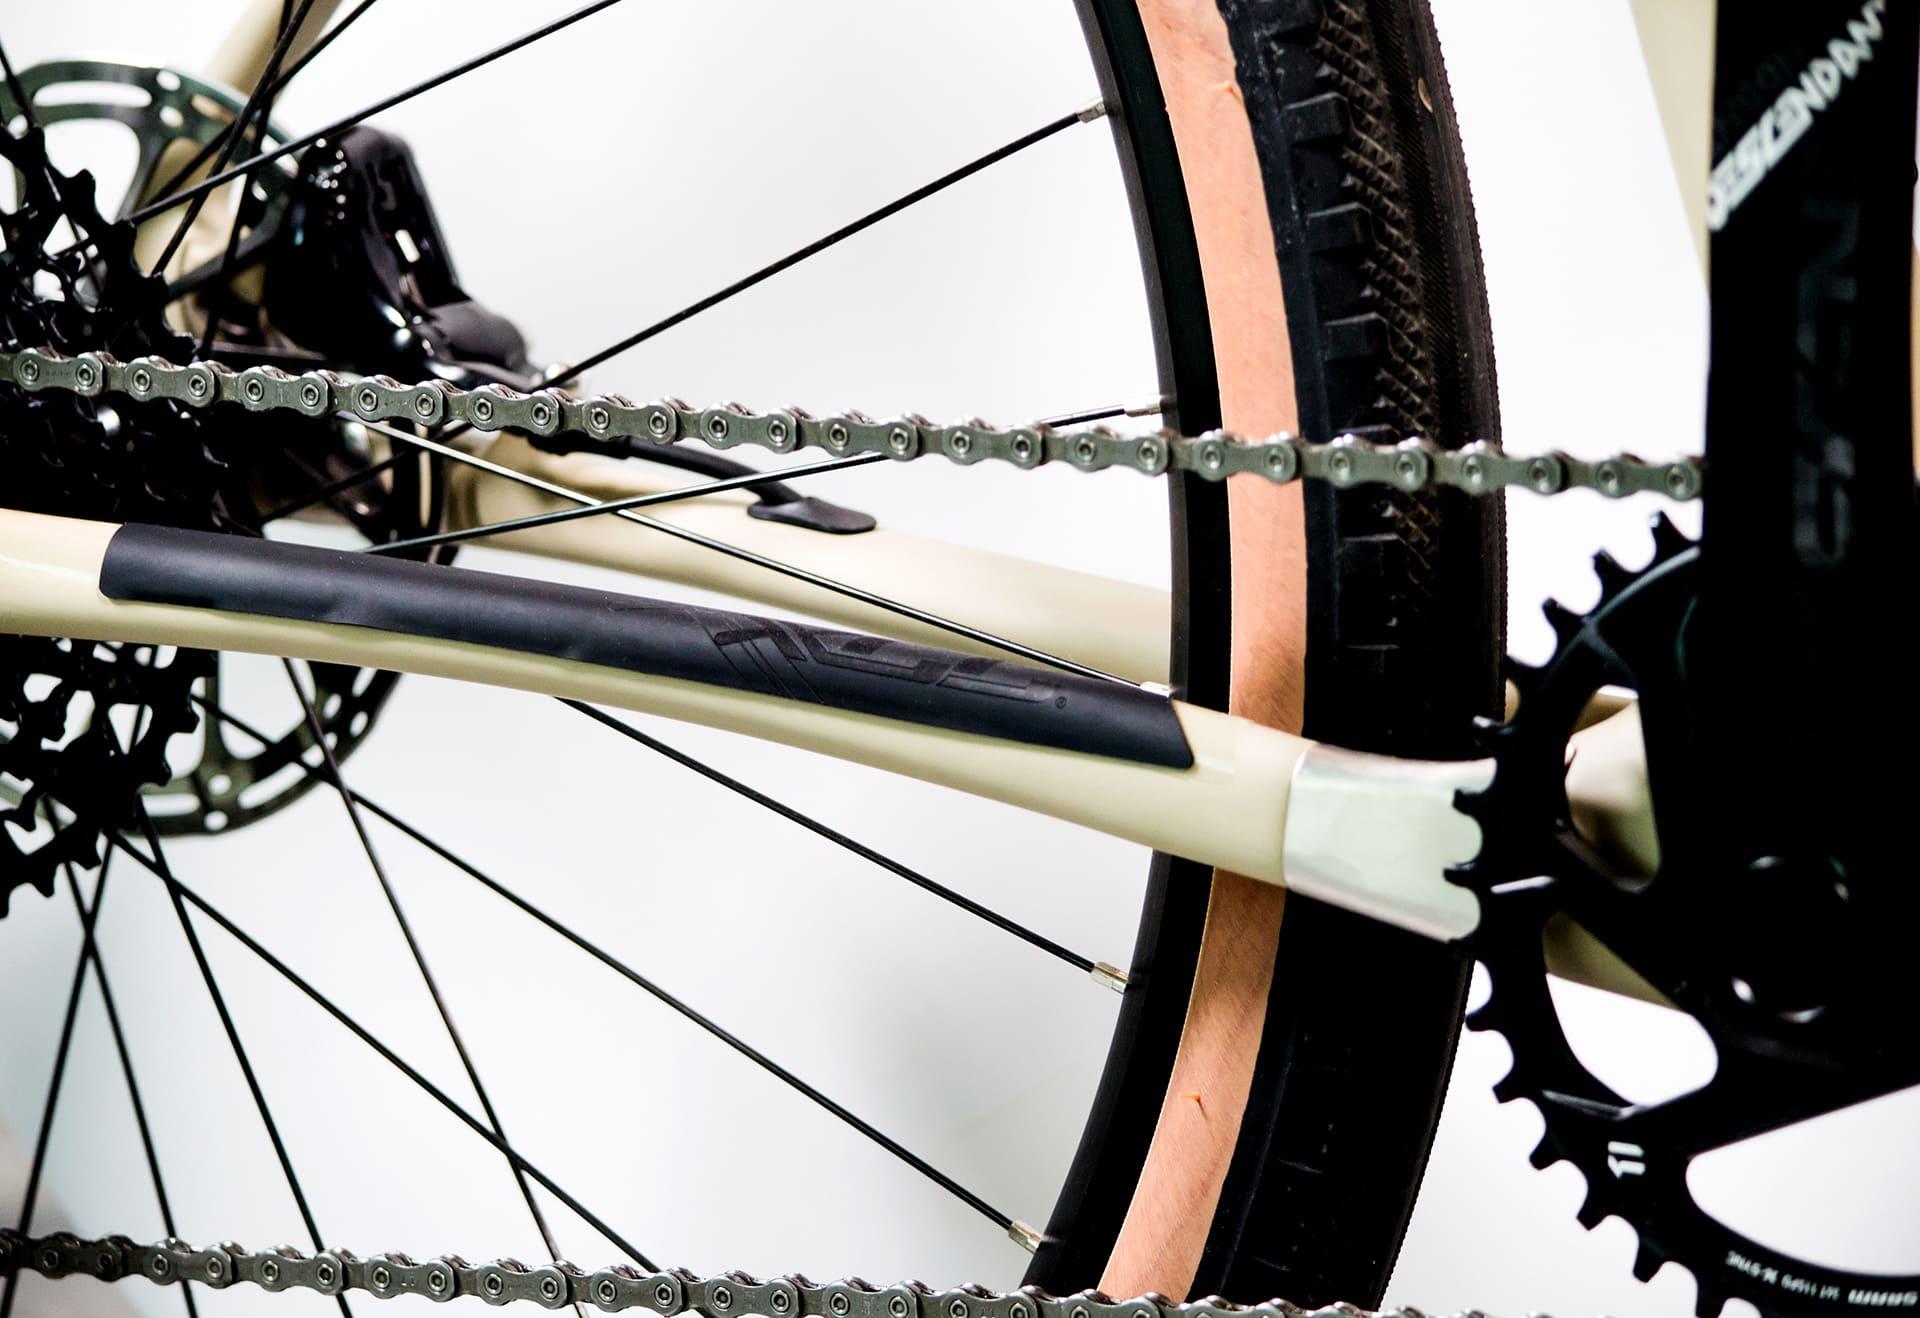 osłona rowerowa założona na tylnym trójkącie ramy rowerowej